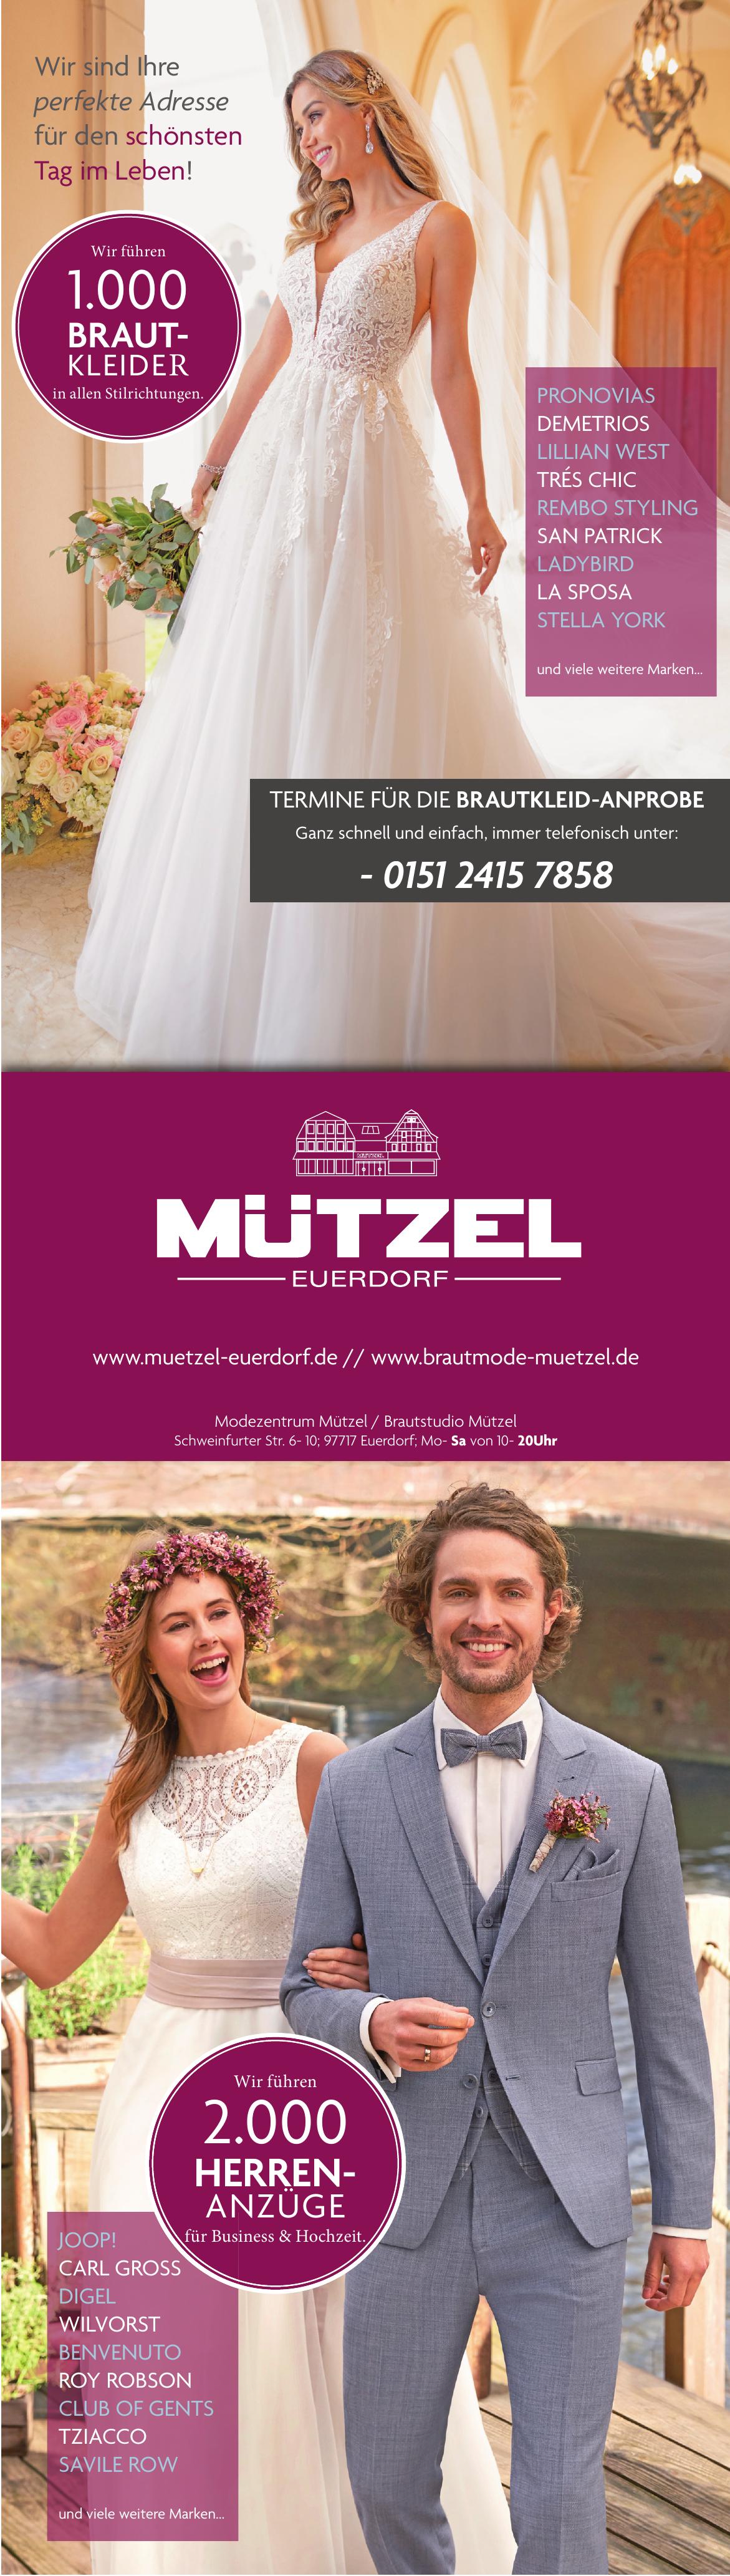 Mützel Euerdorf